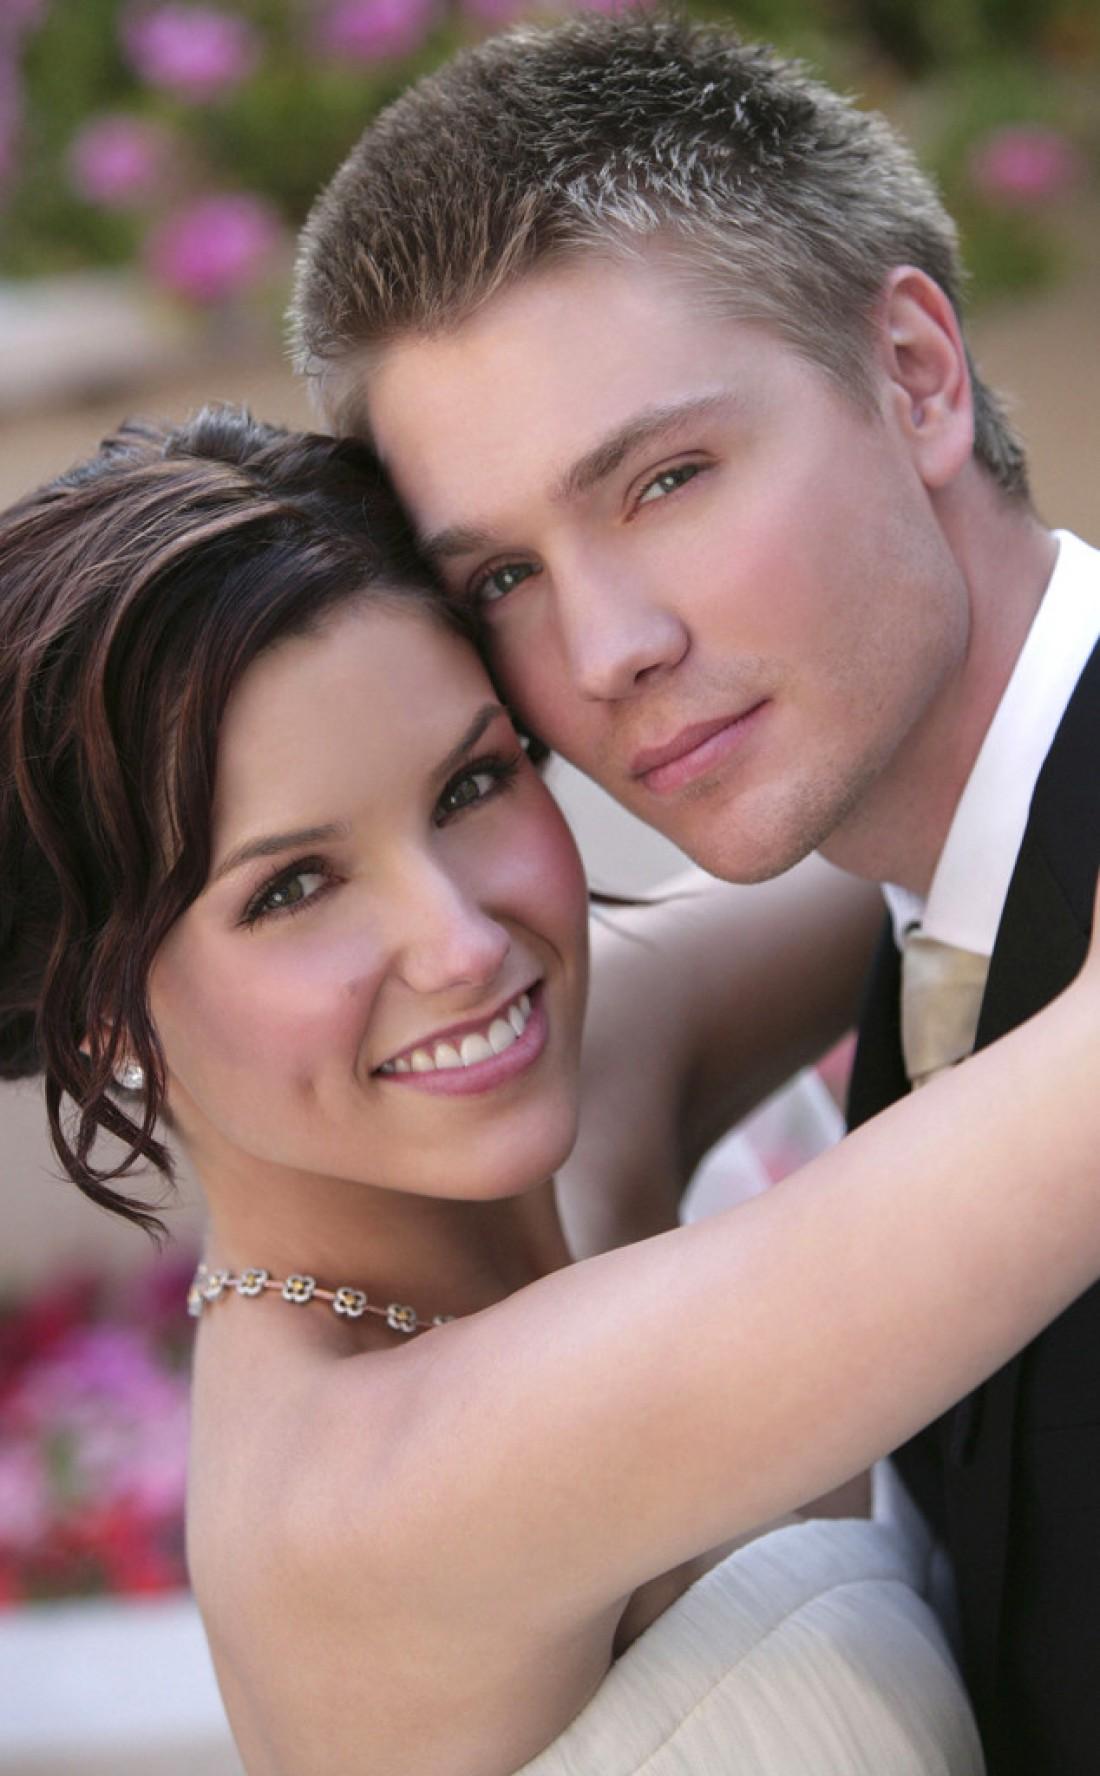 Актеры были женаты всего несколько месяцев